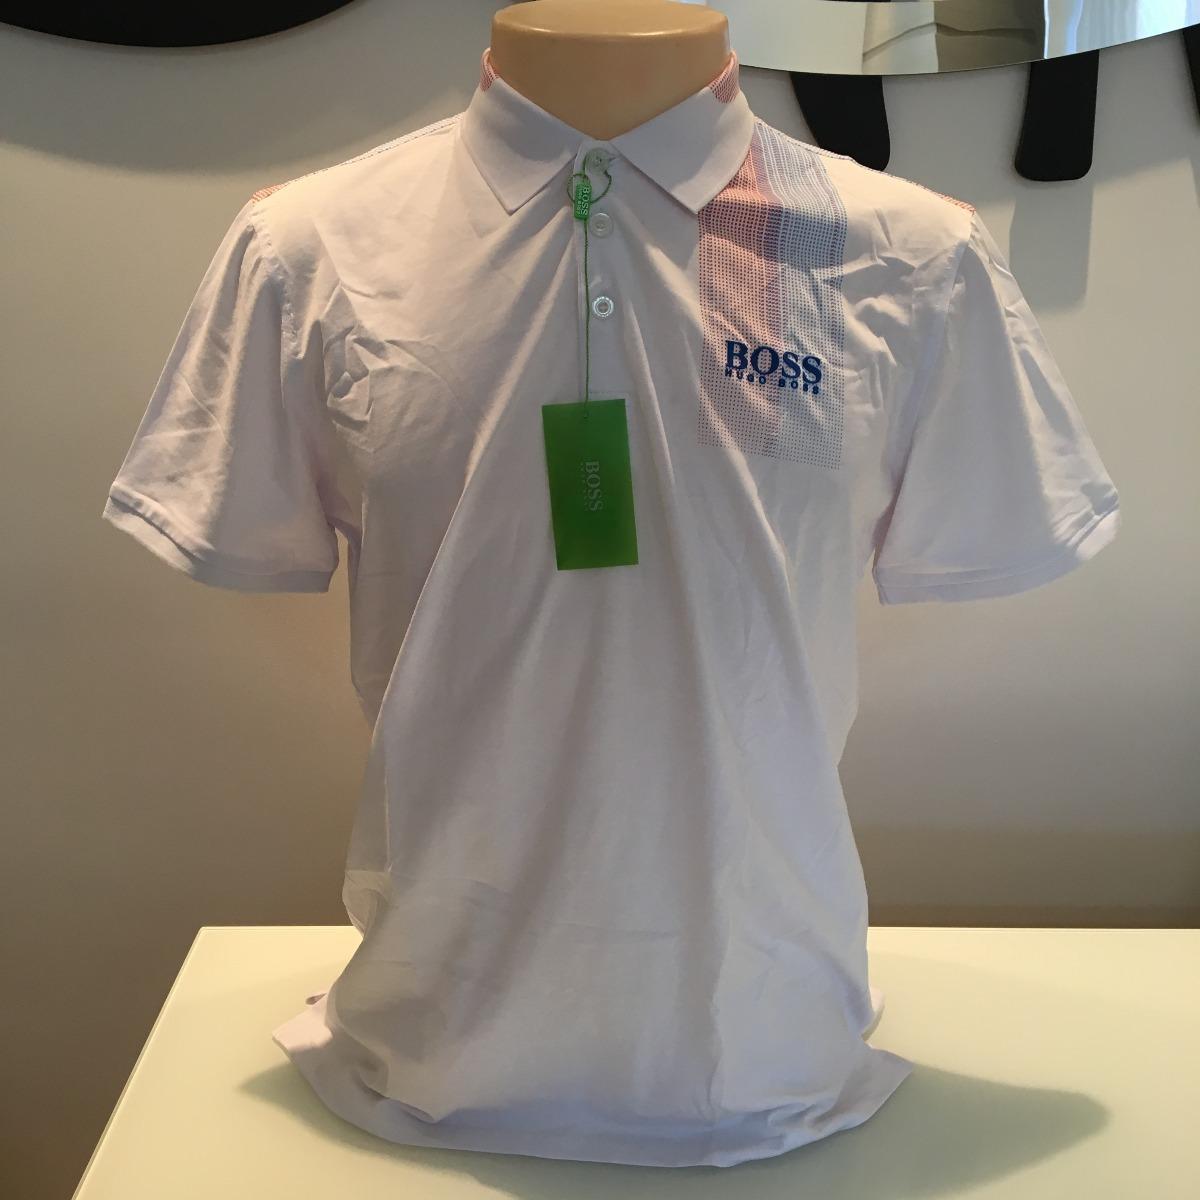 camisetas pólo - hugo boss - original - pronta entrega. Carregando zoom. 2f64e24d022